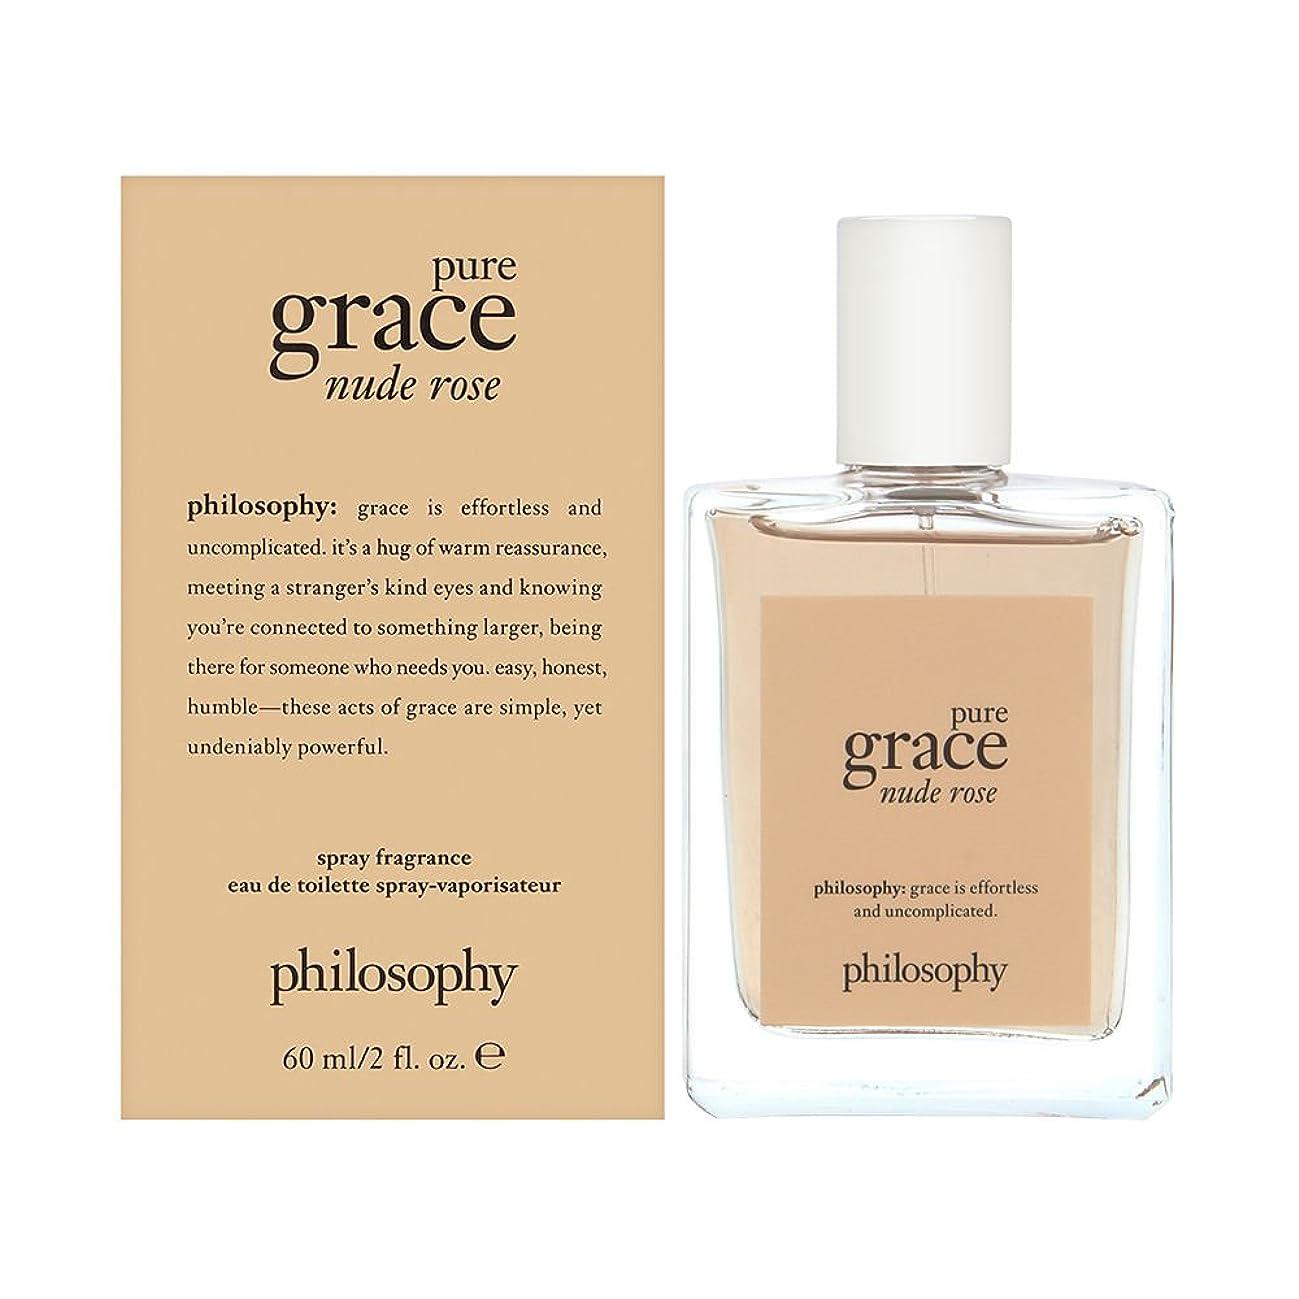 まとめる薄暗い異邦人Pure Grace Nude Rose(ピュアグレイス ヌード ローズ ) 2.0 oz (60ml) Spray fragrance EDT for Women